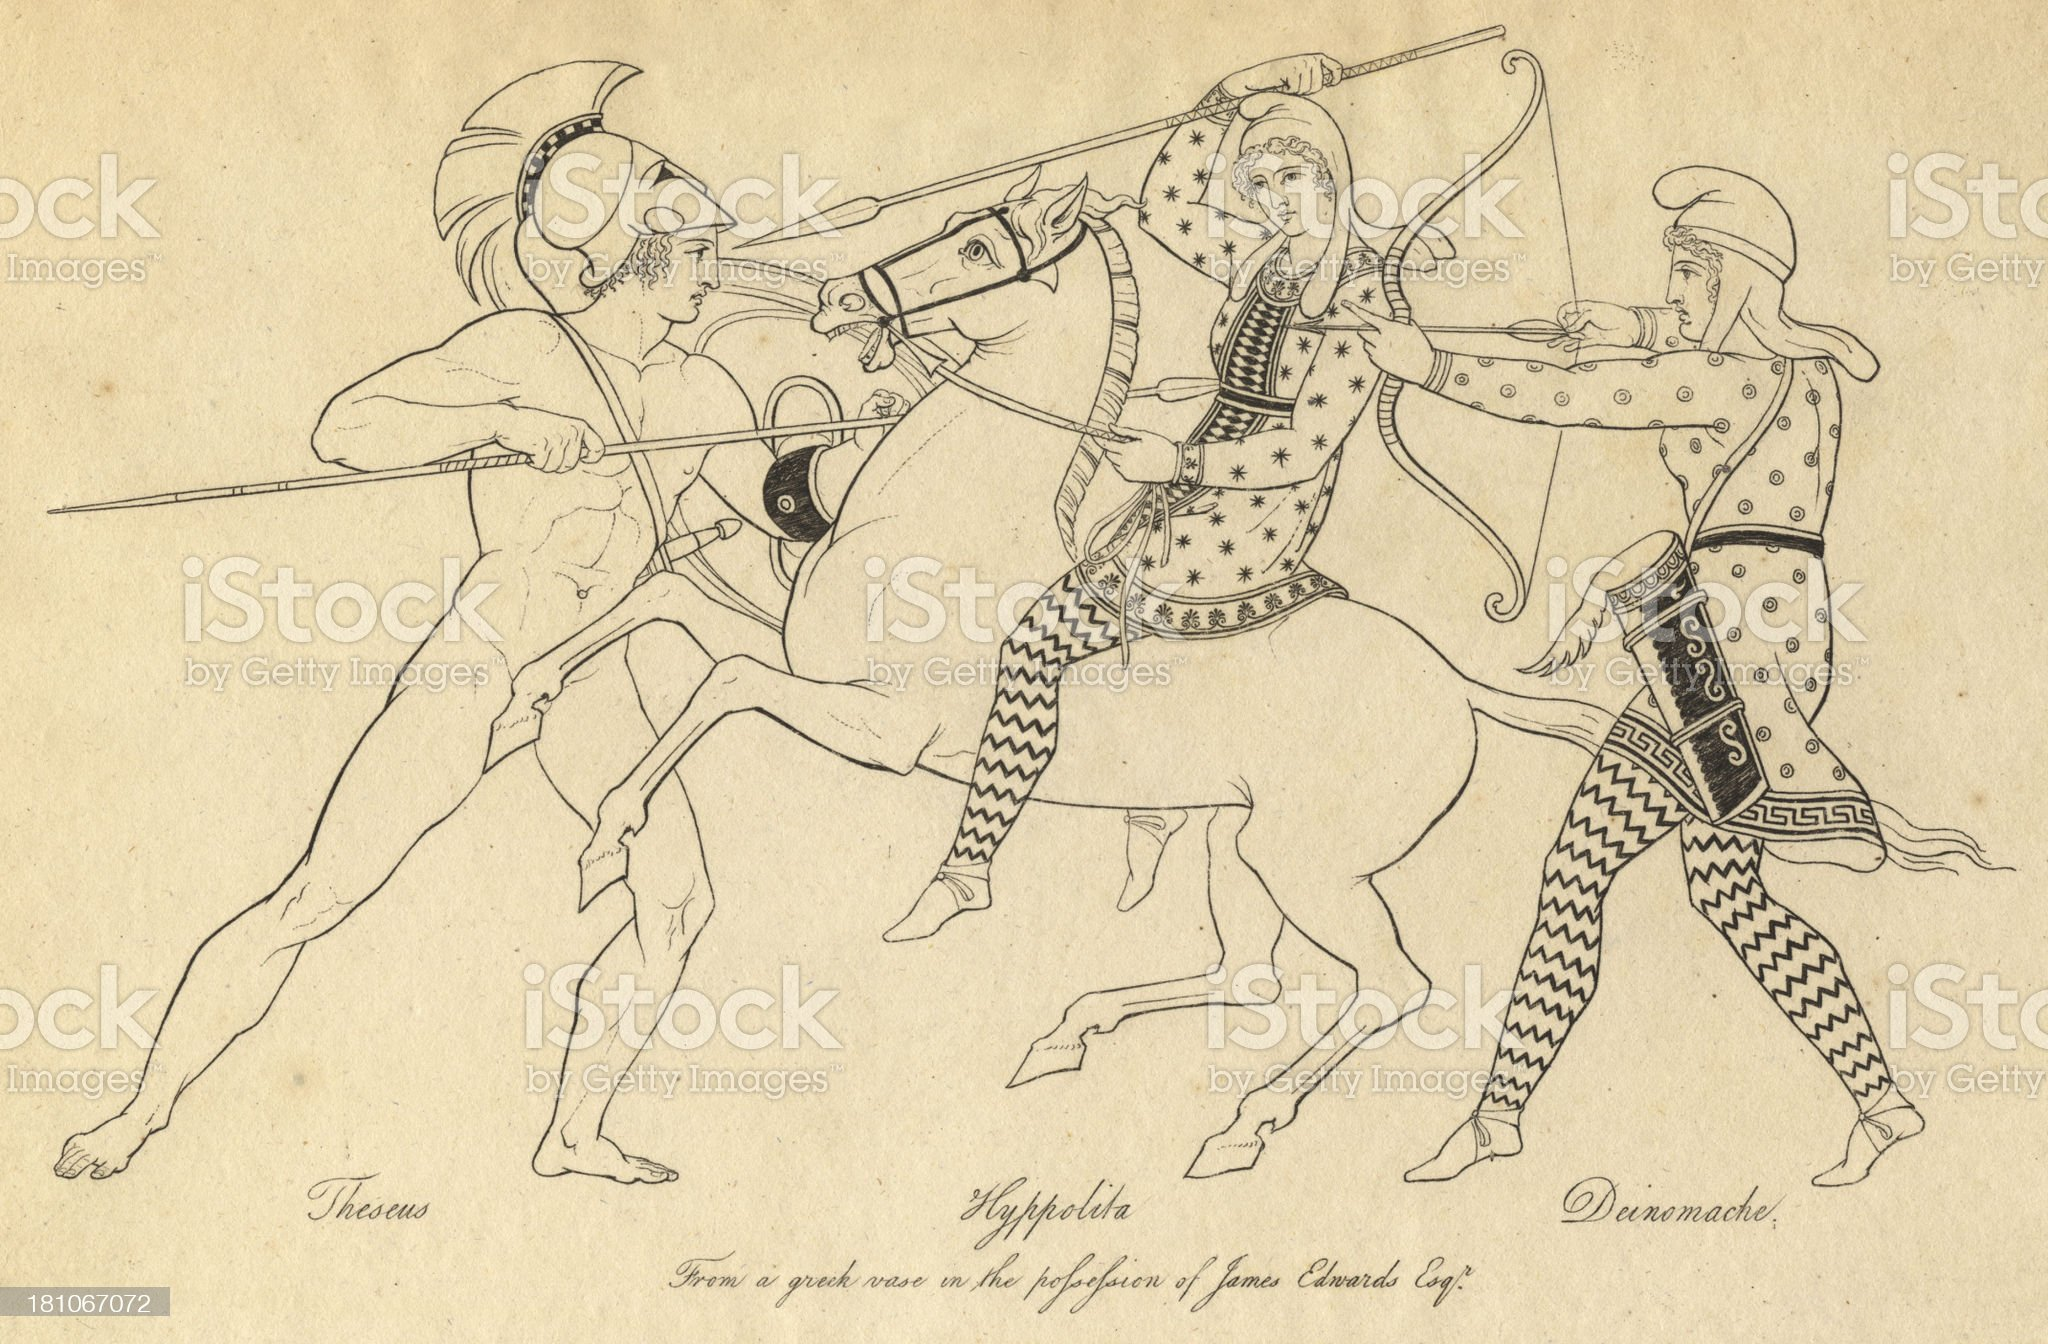 Greek Mythology, Battle Between Theseus, Hyppolyta, and Deinomache royalty-free stock vector art